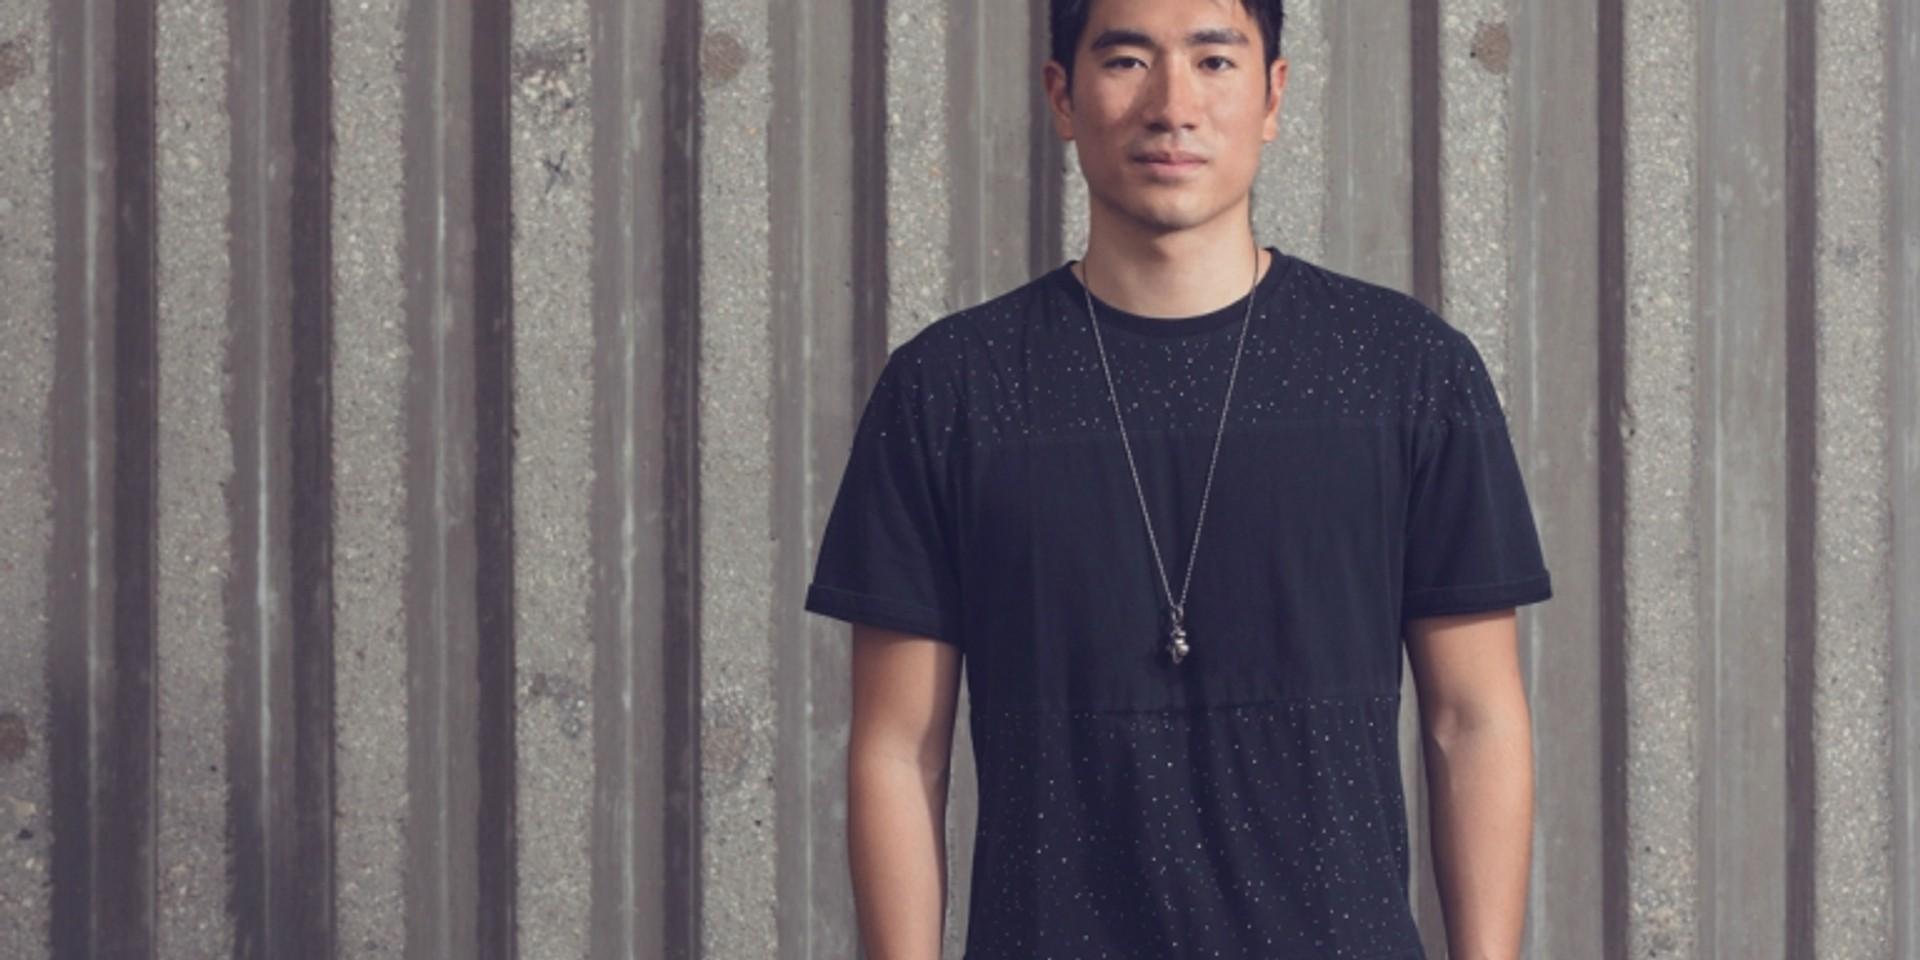 Singaporean DJ MMXJ to drop debut album, 'Into The Wild'